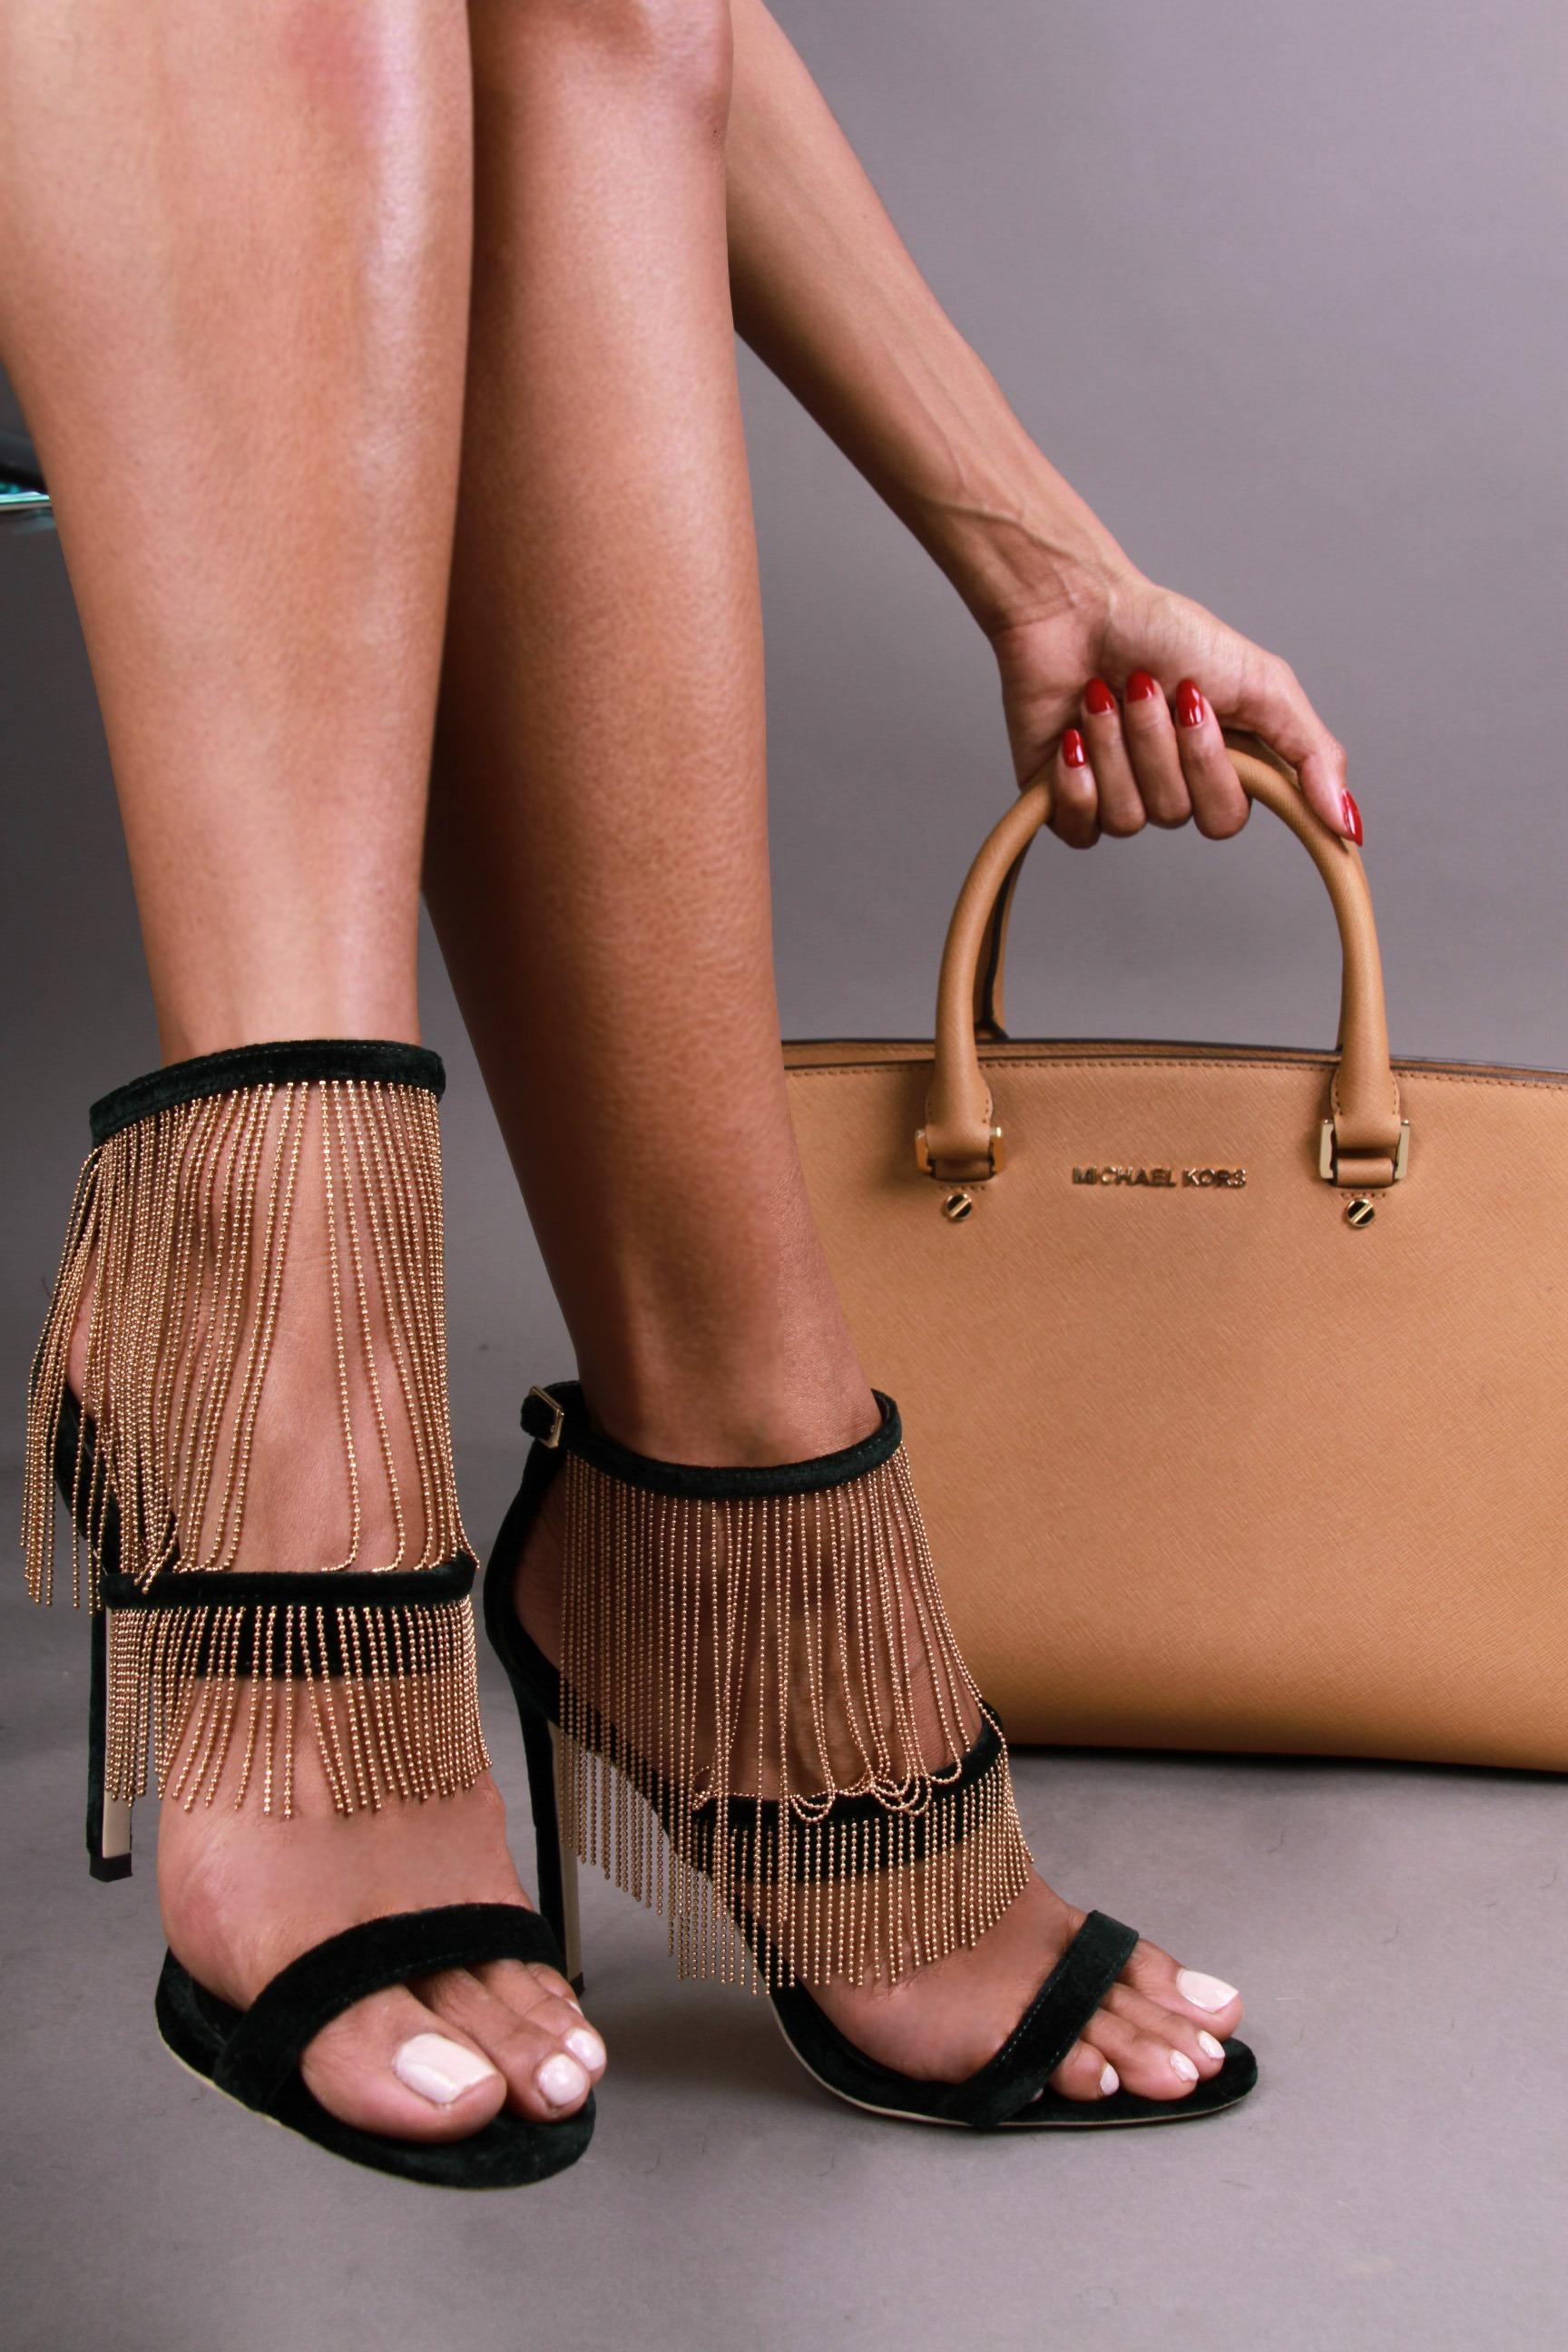 Elizabeth Grullon_Feet1